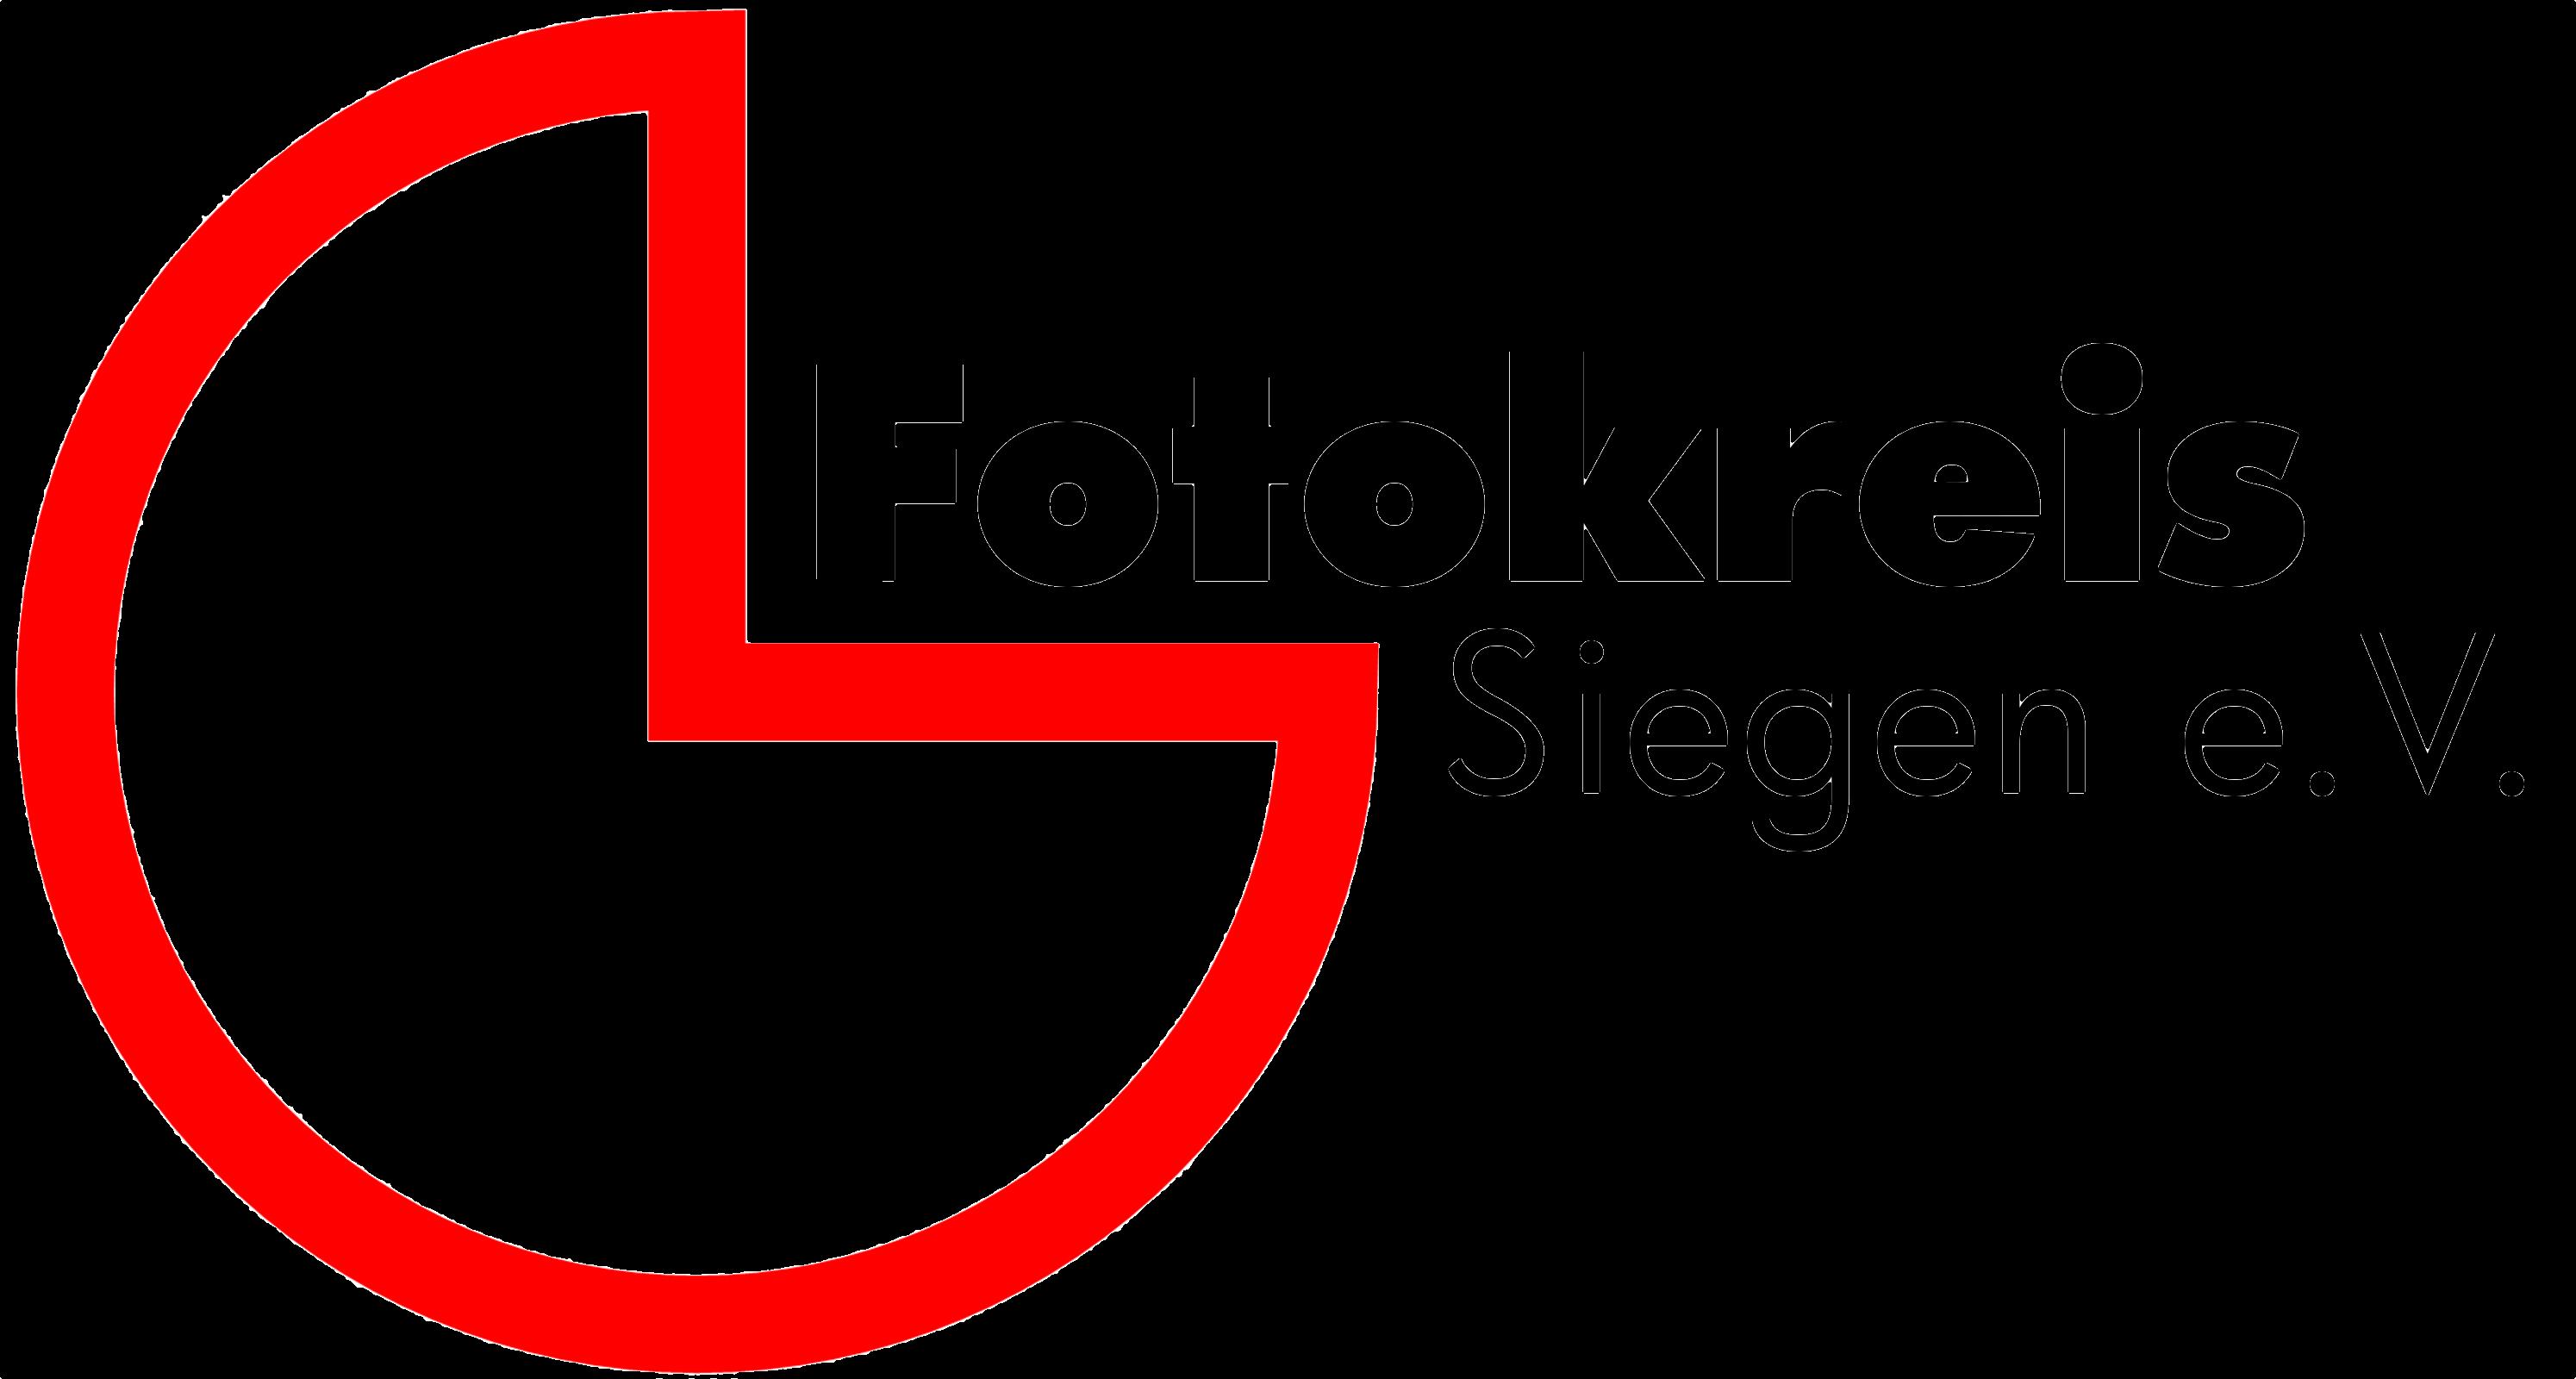 Fotokreis-Siegen e.V.